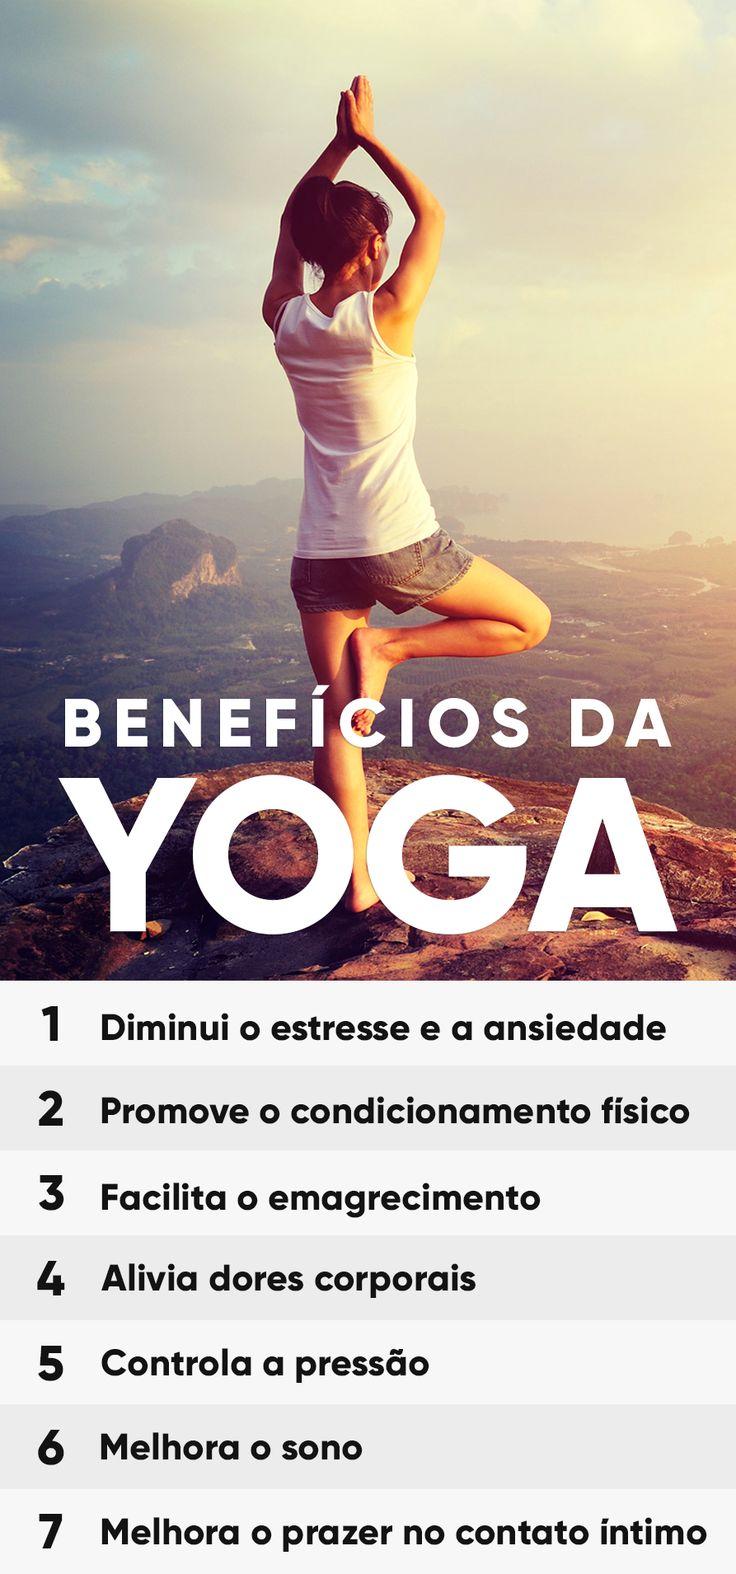 O yoga traz diversos benefícios para a saúde, tanto de mulheres quanto de homens, porque trabalha o corpo e a mente de forma interligada, com exercícios que auxiliam para o controle do estresse, ansiedade, dores no corpo e na coluna, além de melhorar o equilíbio e facilitar o emagrecimento.